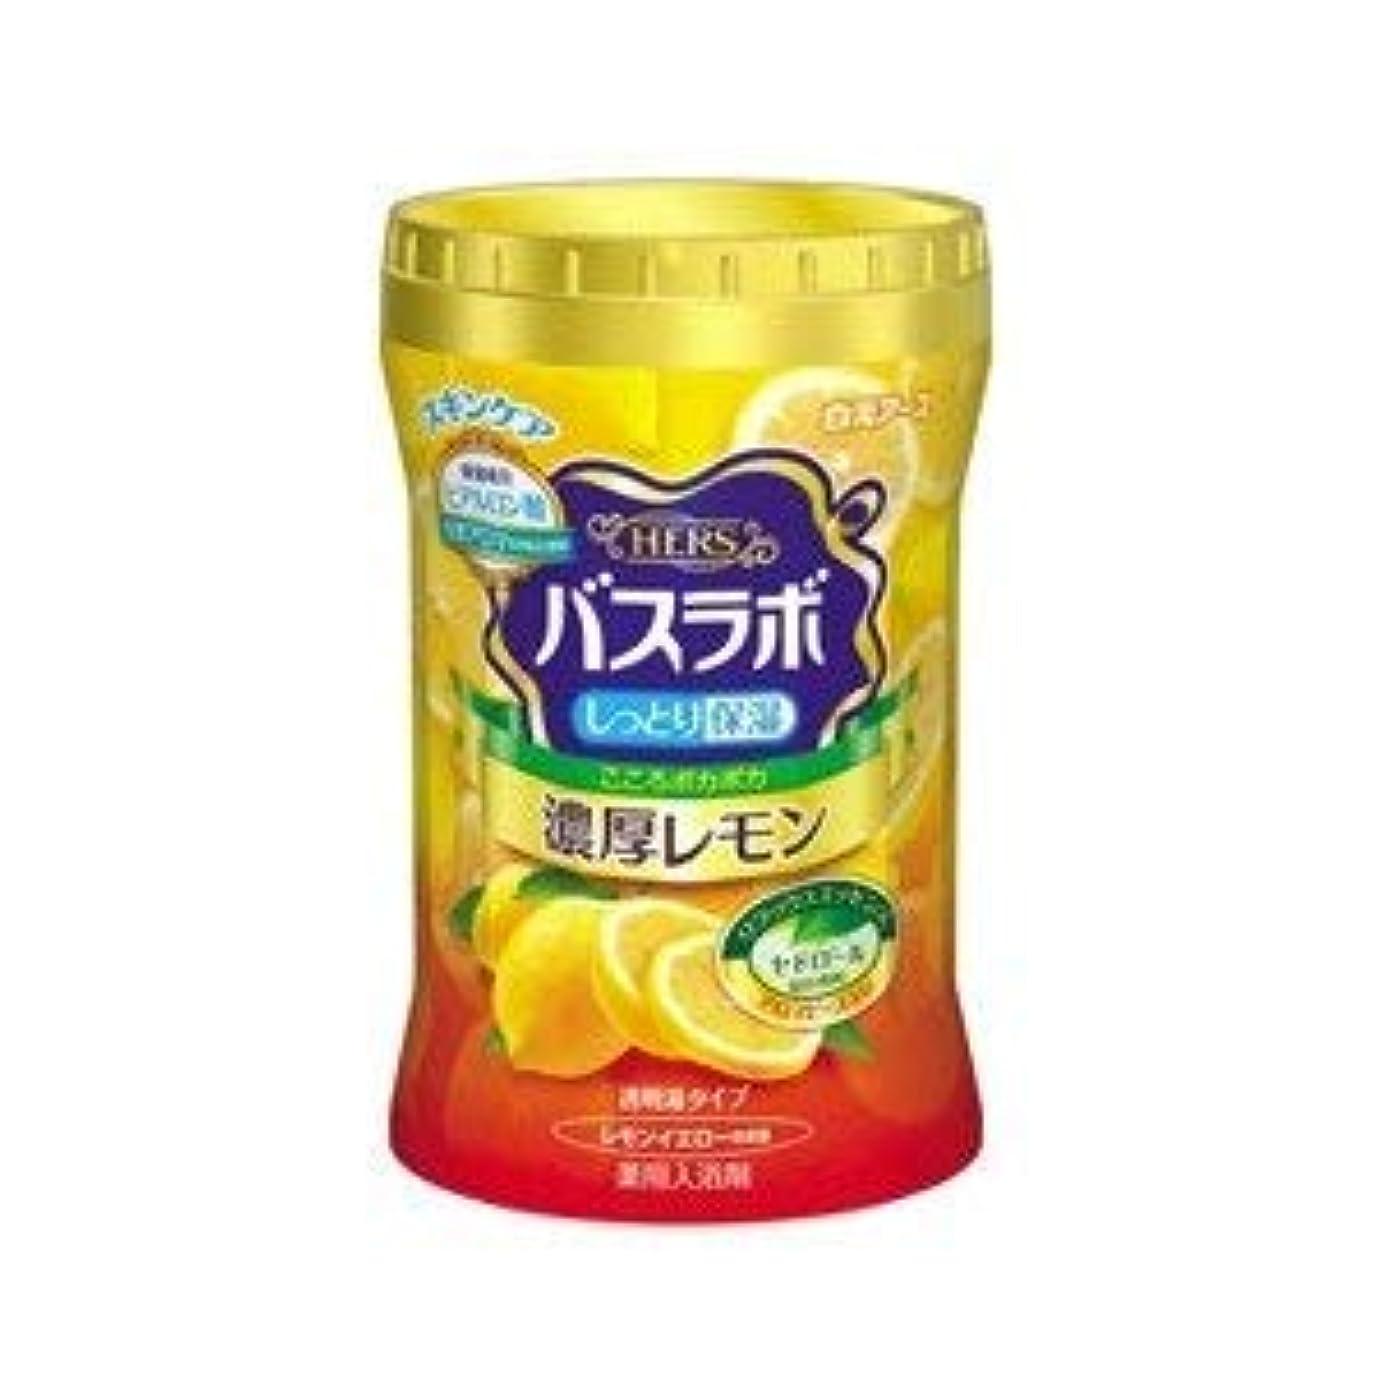 忠実に橋ほめるバスラボボトル濃厚レモン640g